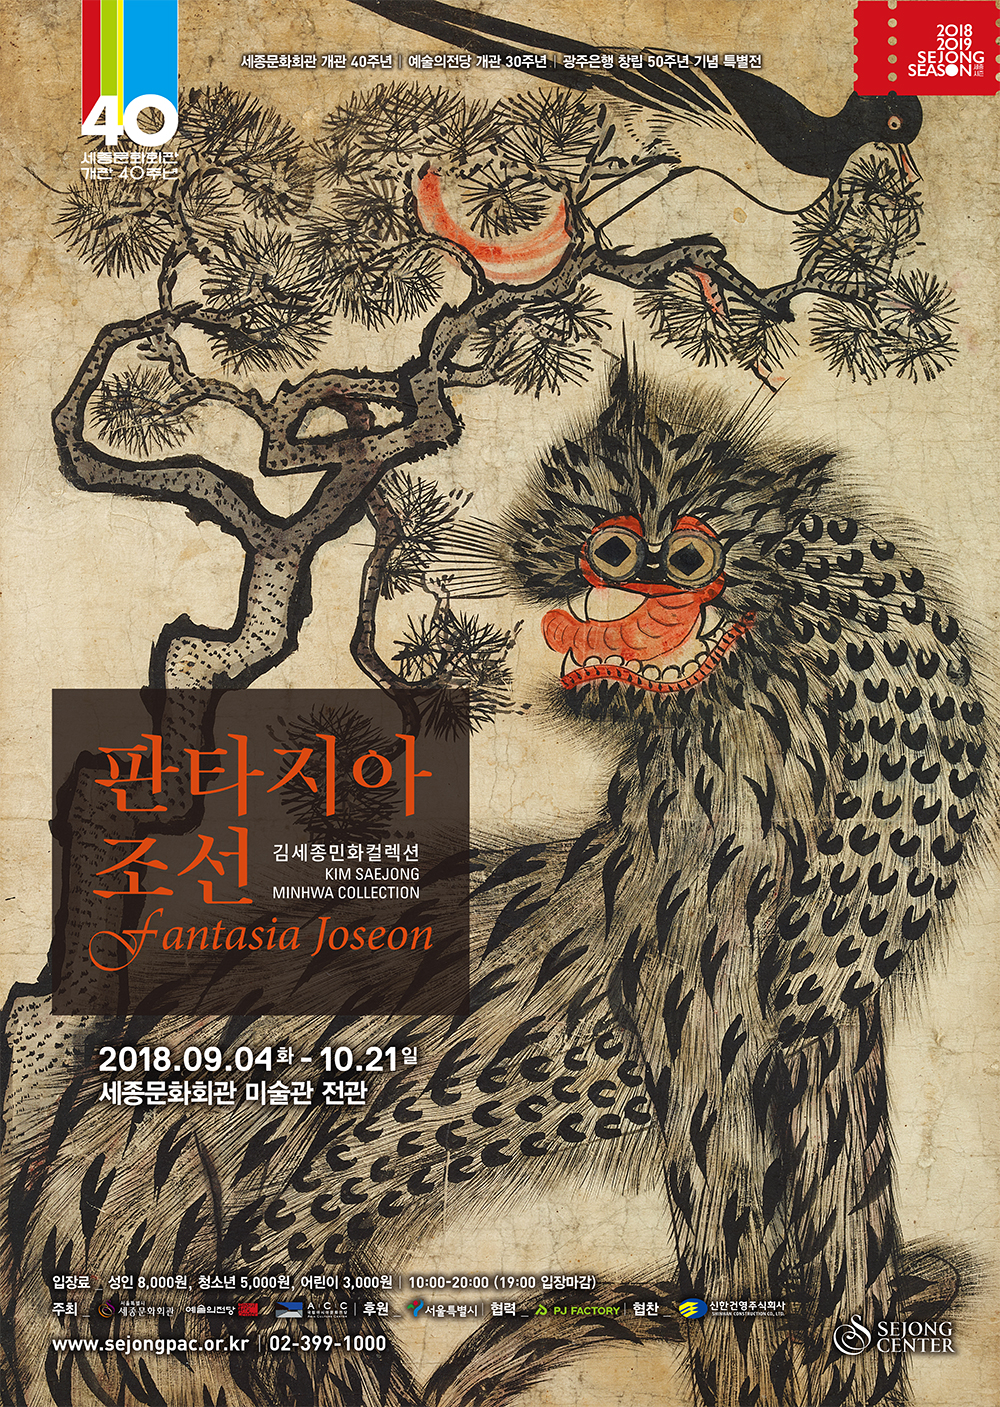 [전시] 자리를 옮긴 김세종민화컬렉션 <판타지아 조선Fantasia Joseon>展